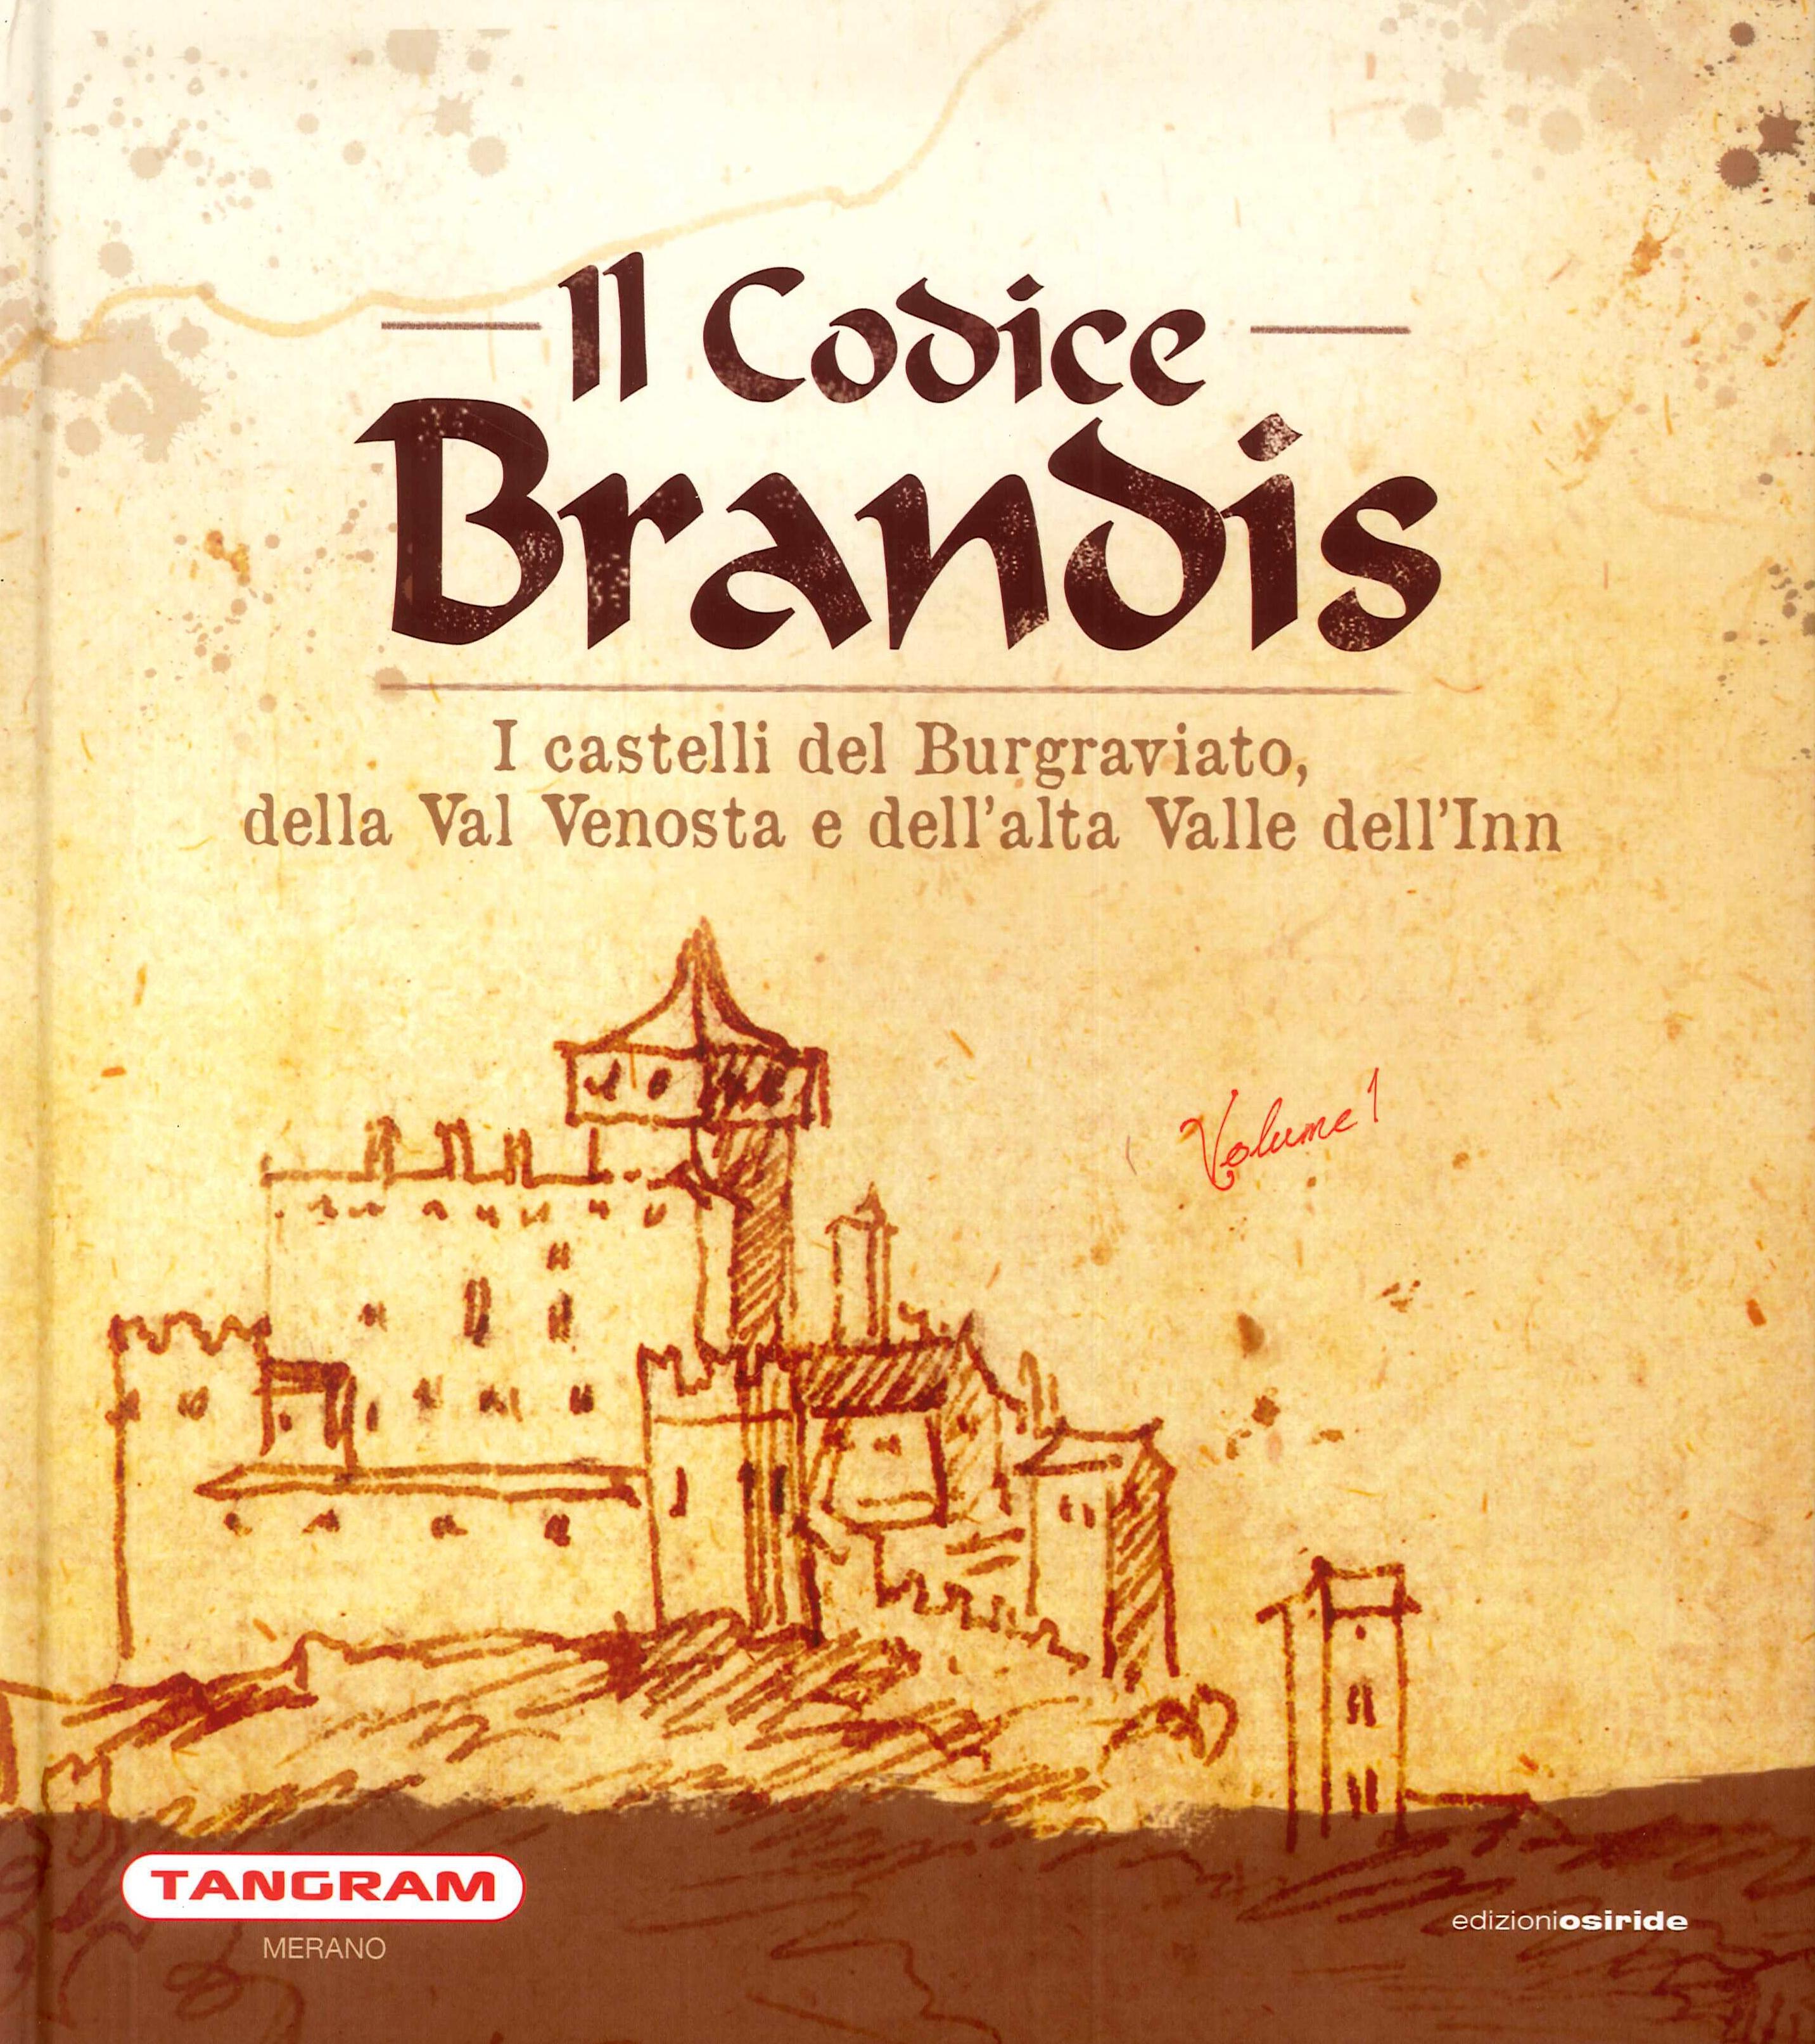 Il Codice Brandis. I castelli del Burgraviato, della Val Venosta e dell'alta Valle dell'Inn